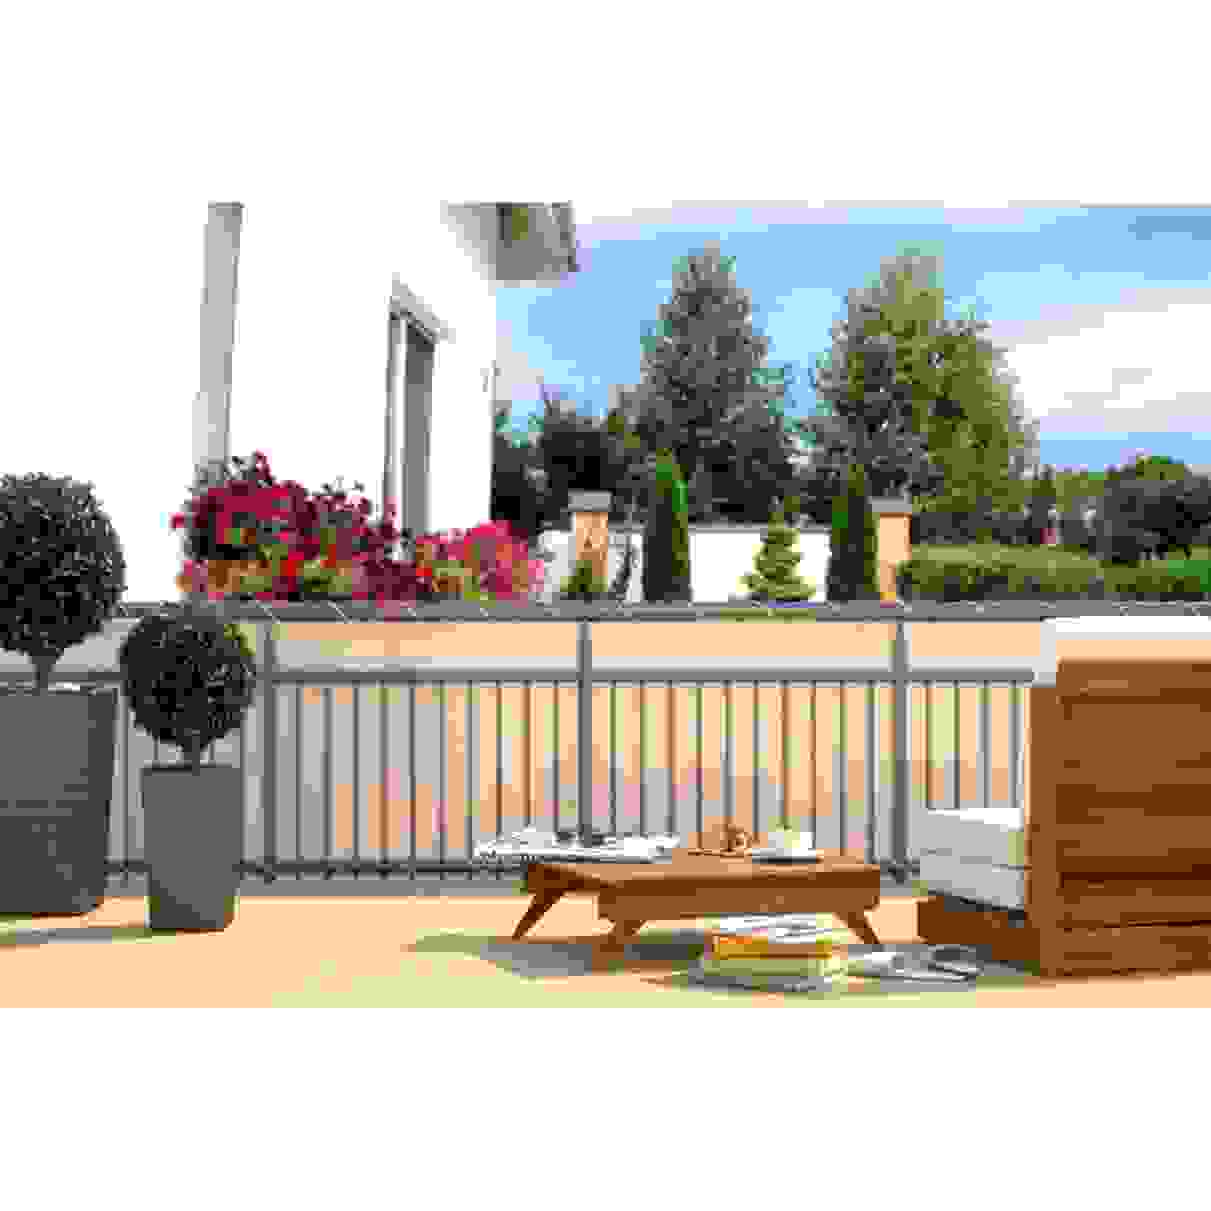 35 Neueste Balkon Sichtschutz Bambus Ikea Schema Gartenmobel Ideen